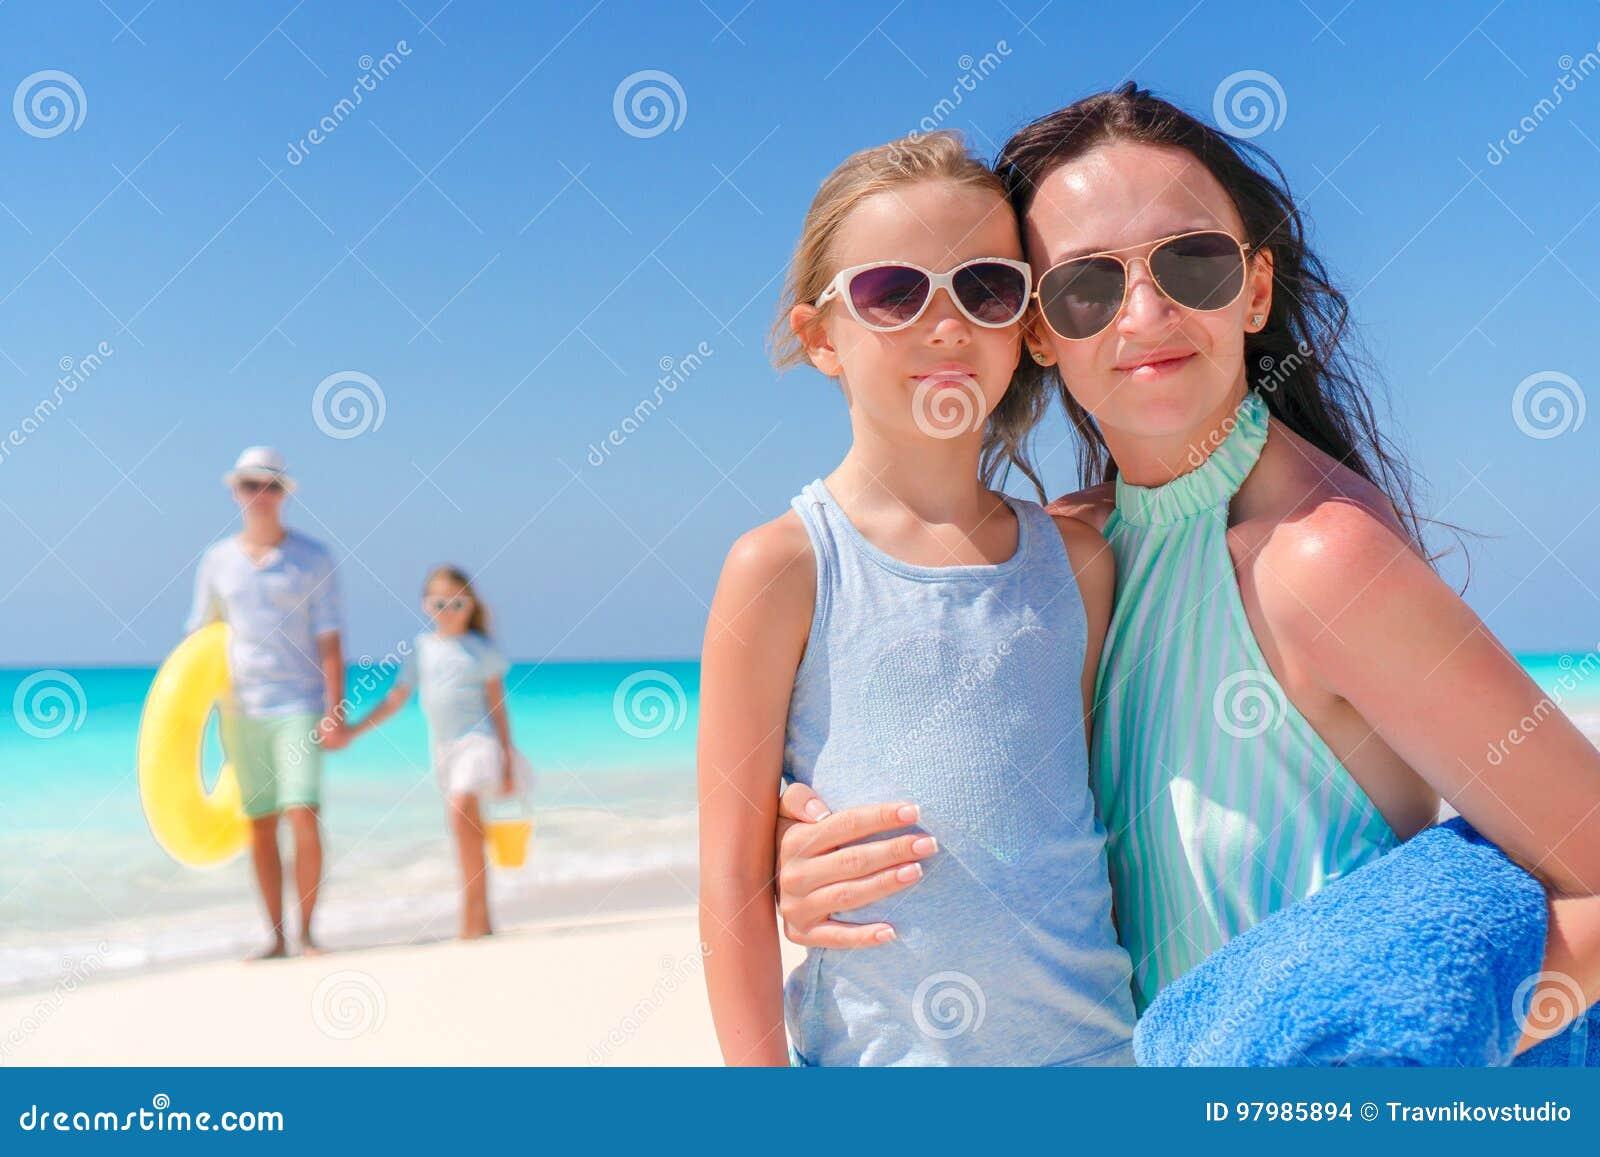 9499c8f81d6156 Família De Quatro Pessoas Bonita Feliz Em Uma Praia Tropical Retrato ...